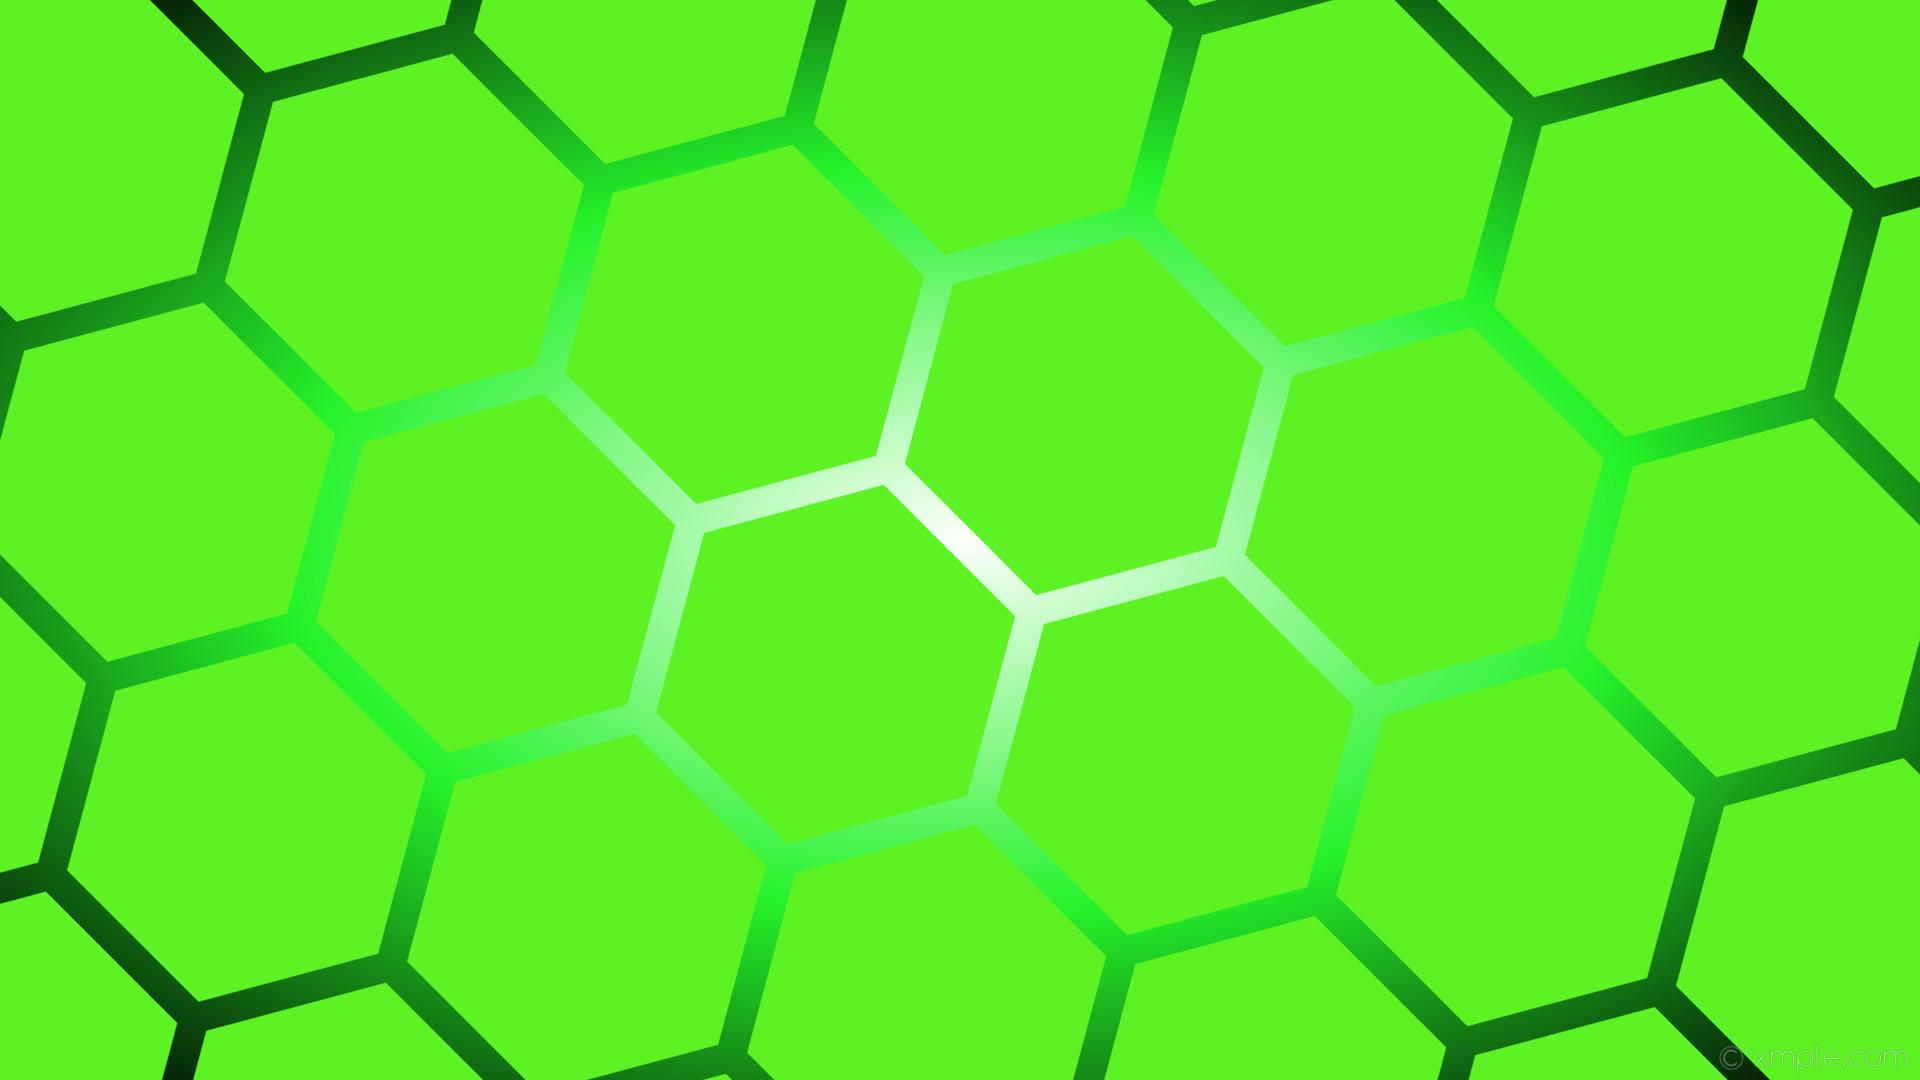 wallpaper white glow lime hexagon black gradient green #5cf224 #ffffff  #24f22a diagonal 45